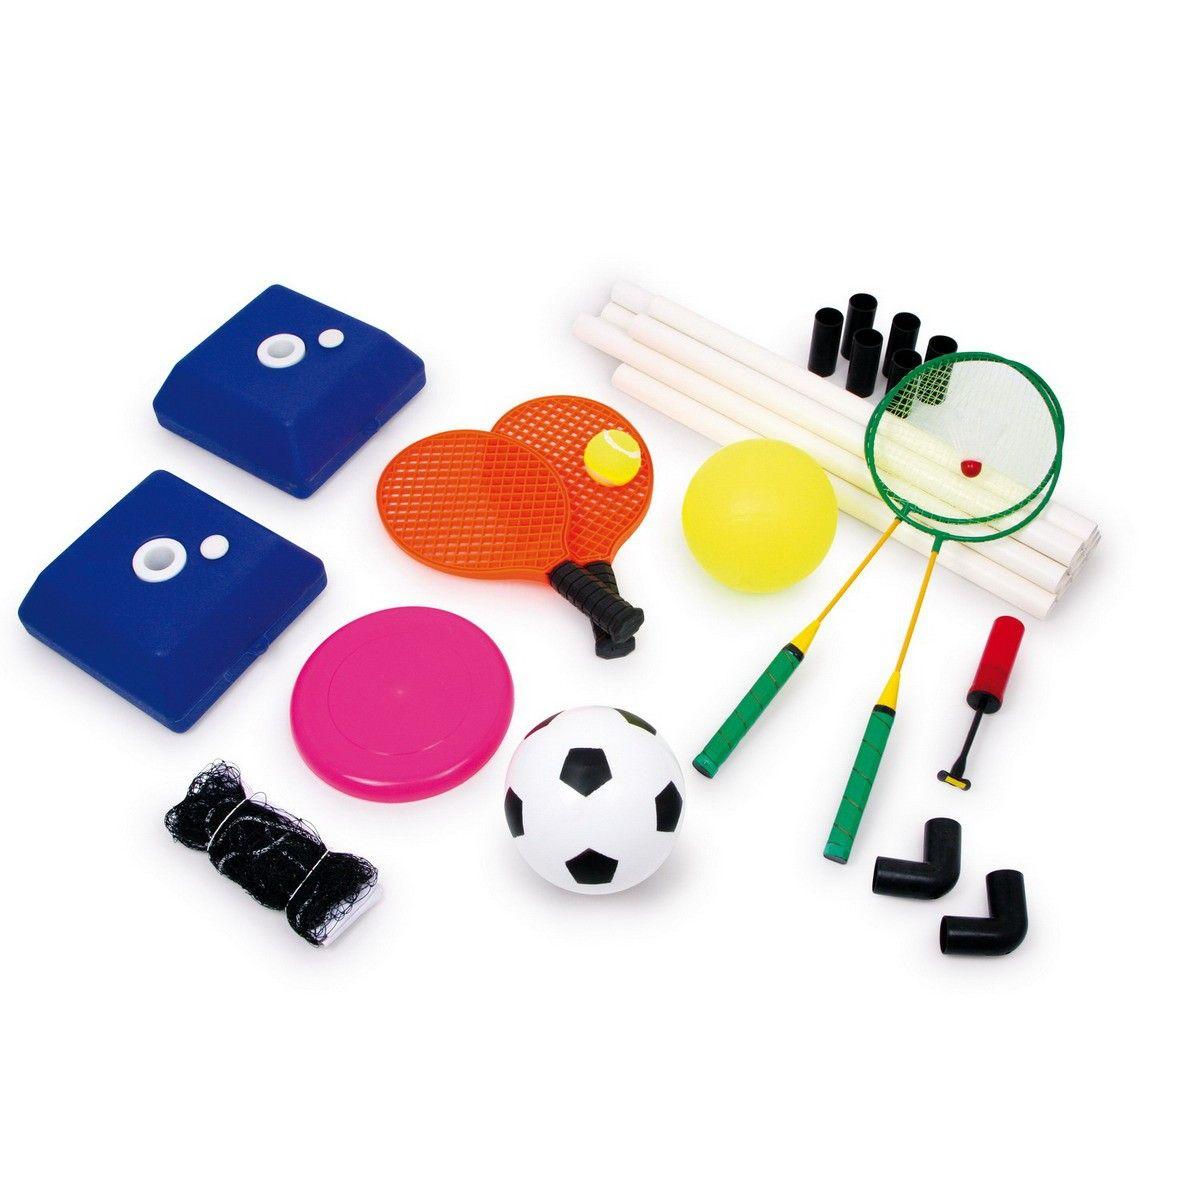 mit dem multisportset 5 in 1 kann man volleyball frisbee tennis federball und fu ball spielen. Black Bedroom Furniture Sets. Home Design Ideas